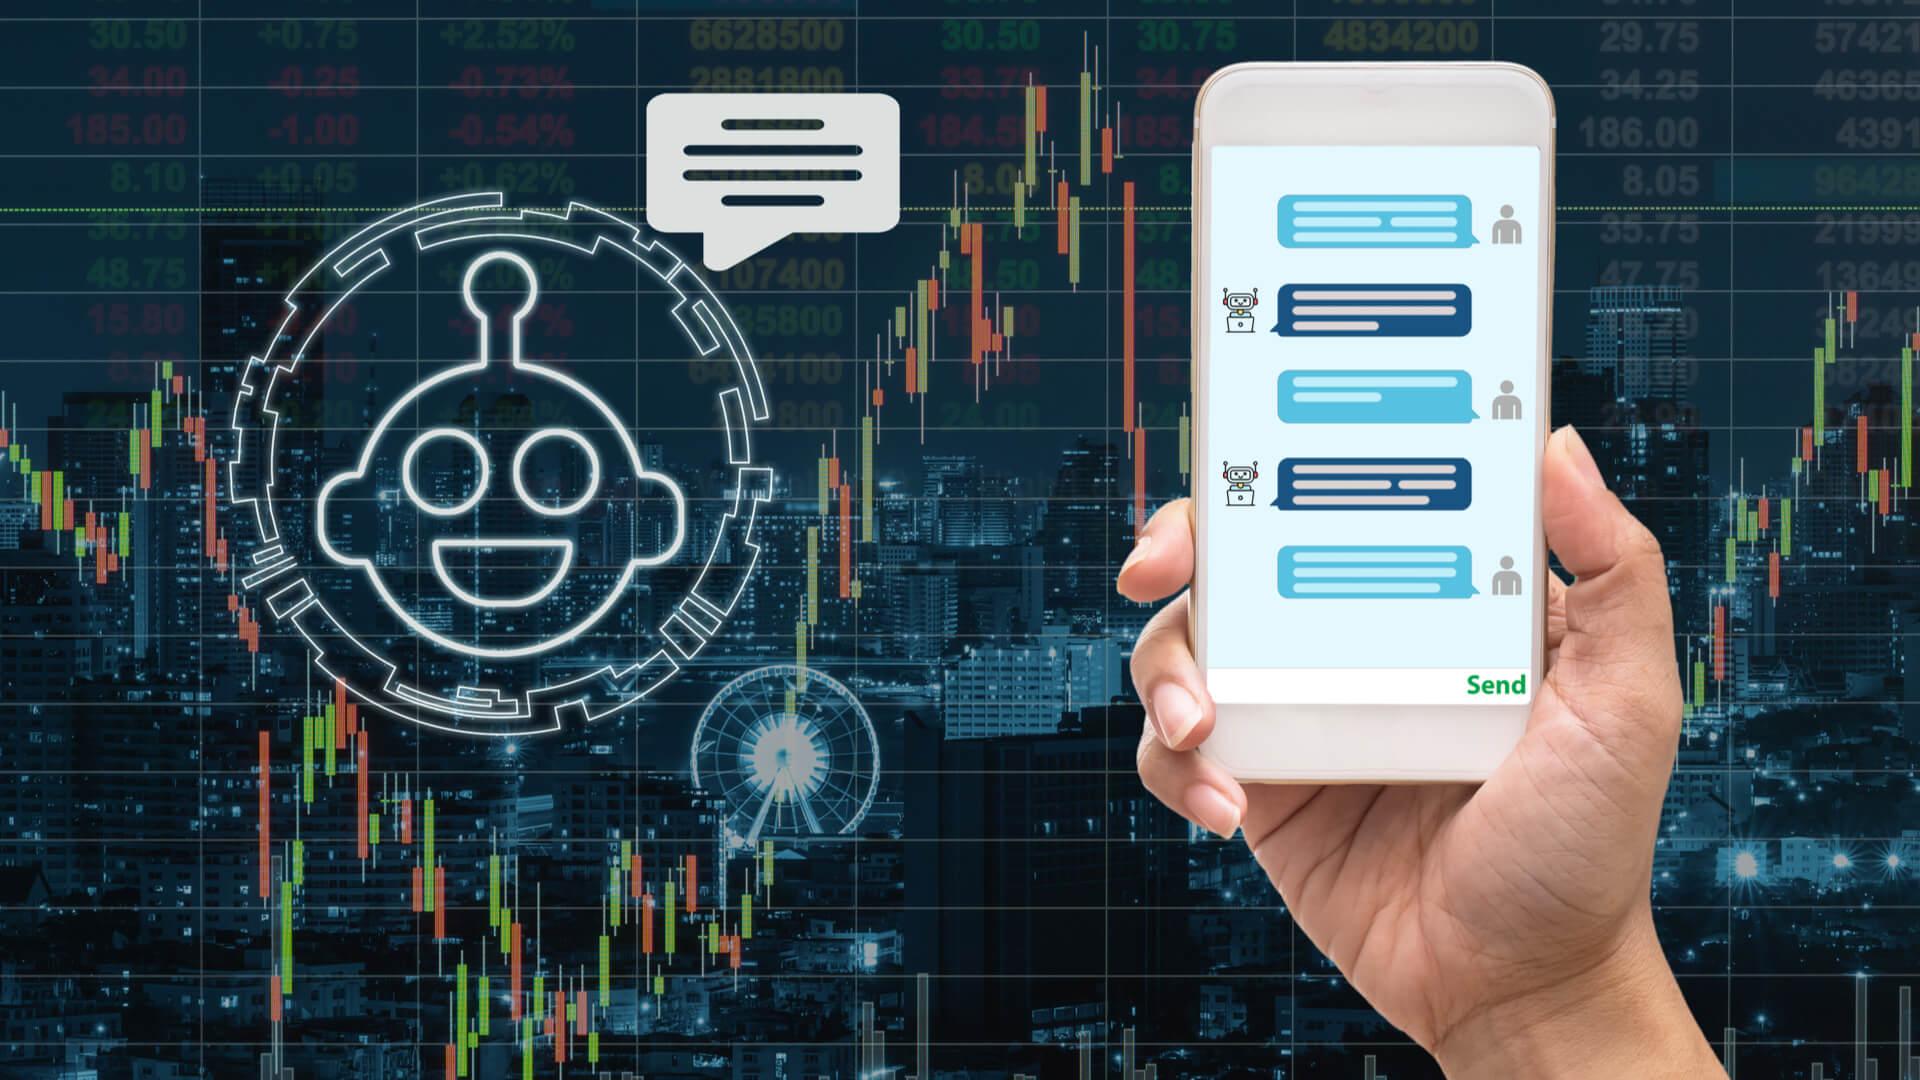 Chatbot nel banking: cosa deve saper fare per essere un vantaggio